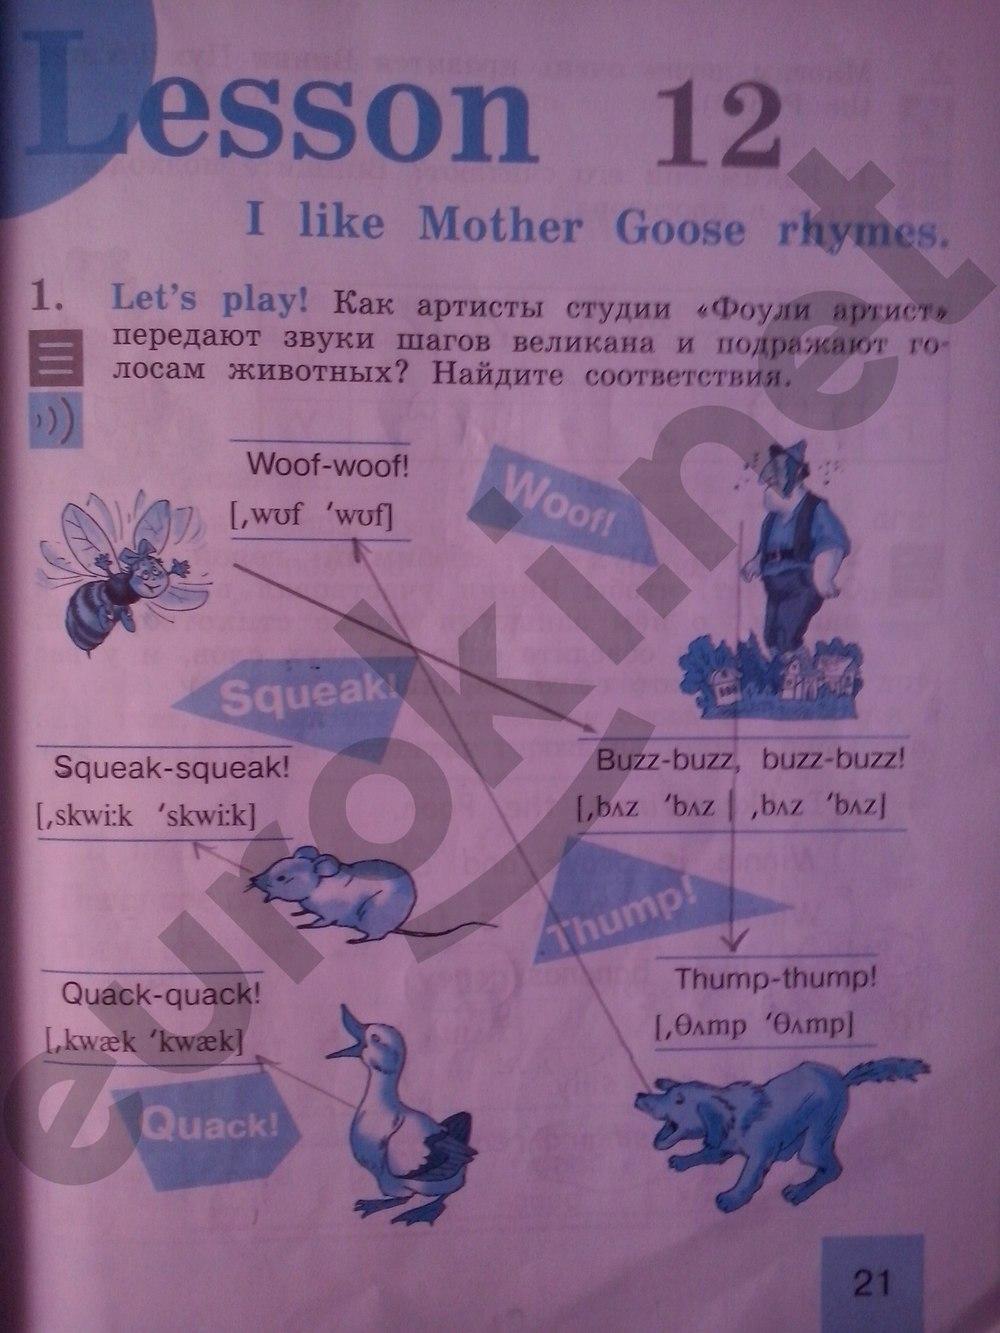 ГДЗ по английскому языку 2 класс рабочая тетрадь Кузовлев. Задание: стр. 21